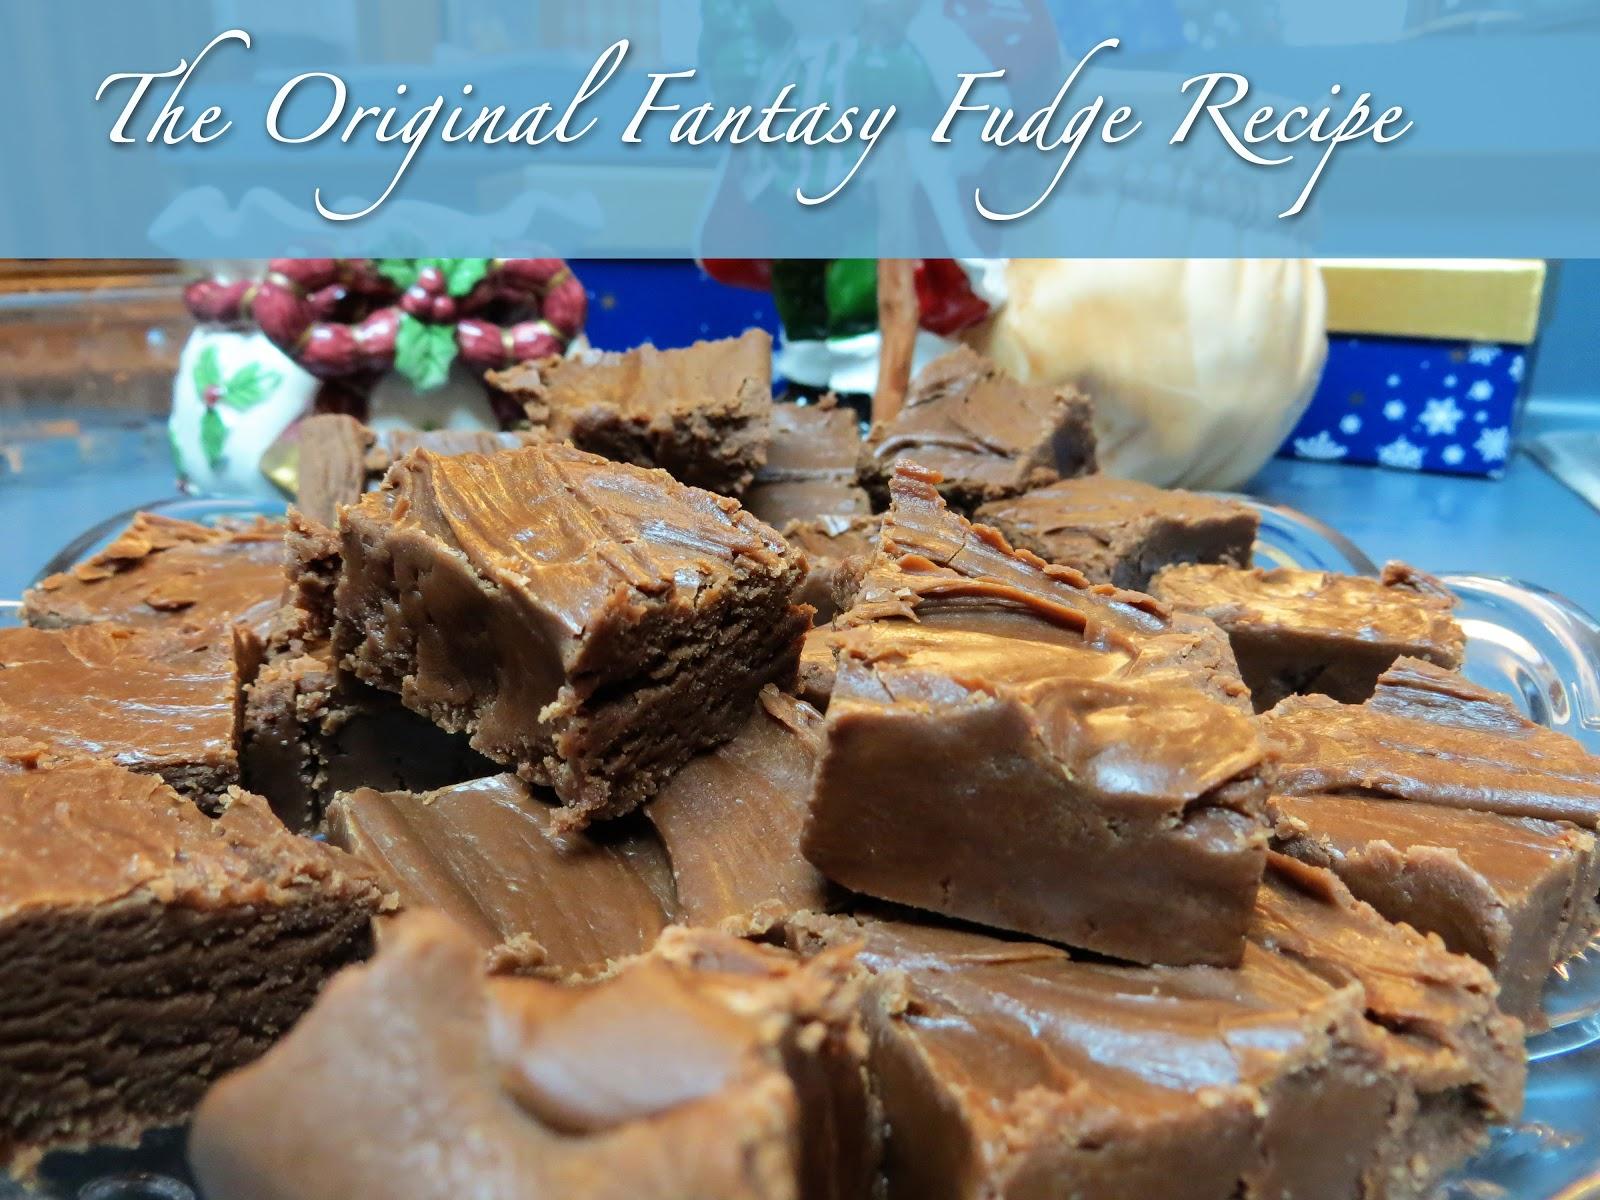 Original fantasy fudge